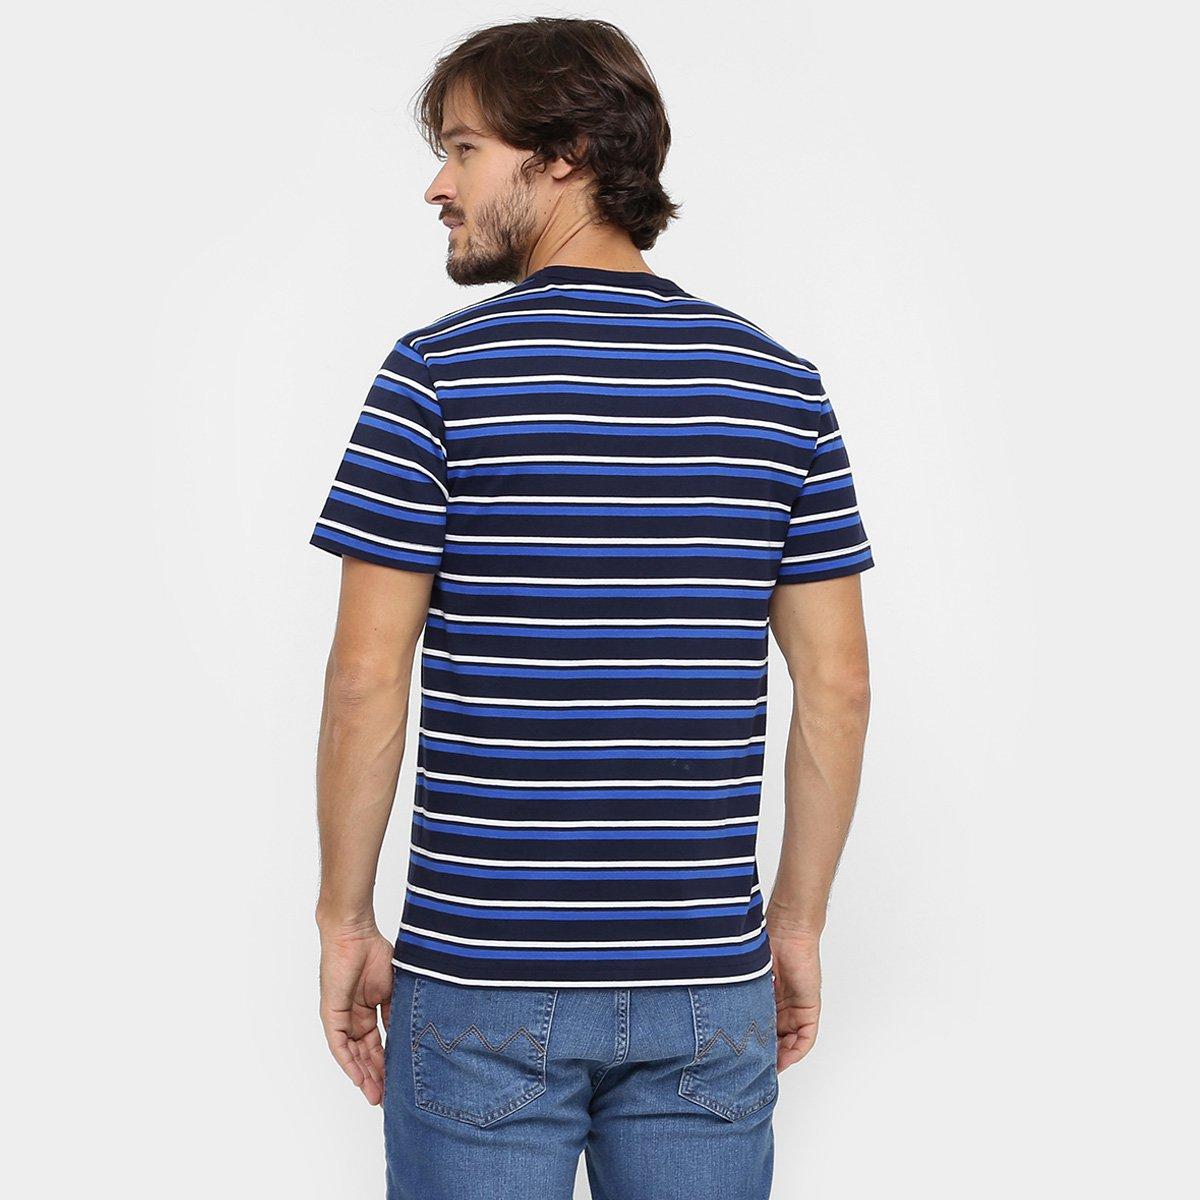 8cc5e42073f67 Camiseta Lacoste Gola Careca Listras Regular Fit - Compre Agora ...